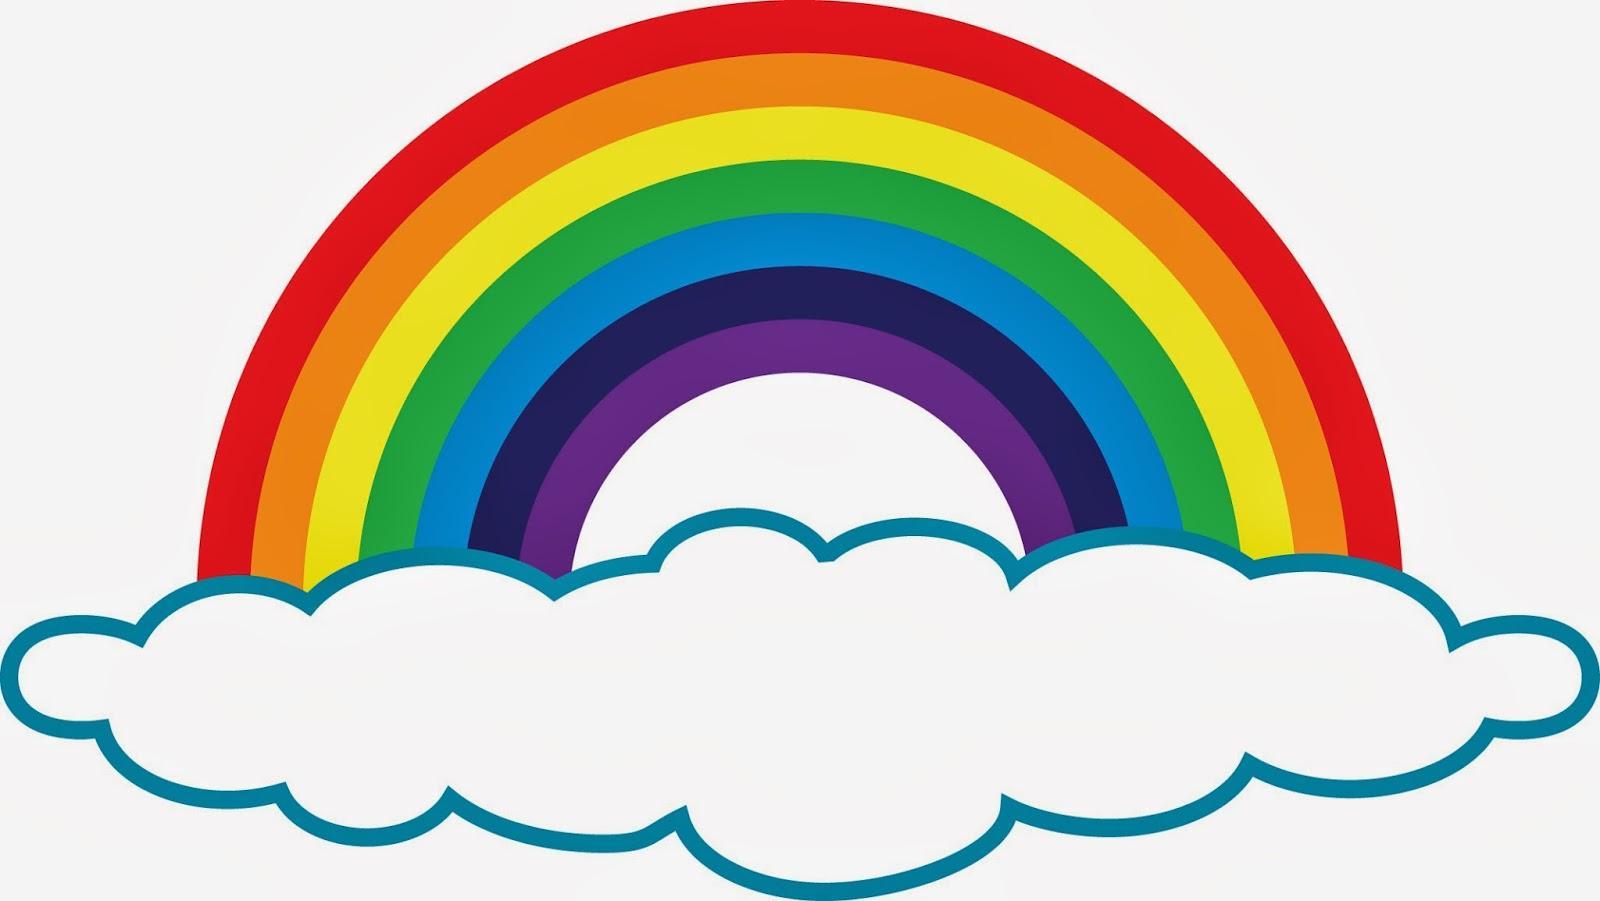 1600x901 Rainbow Outline Clip Art (53+)